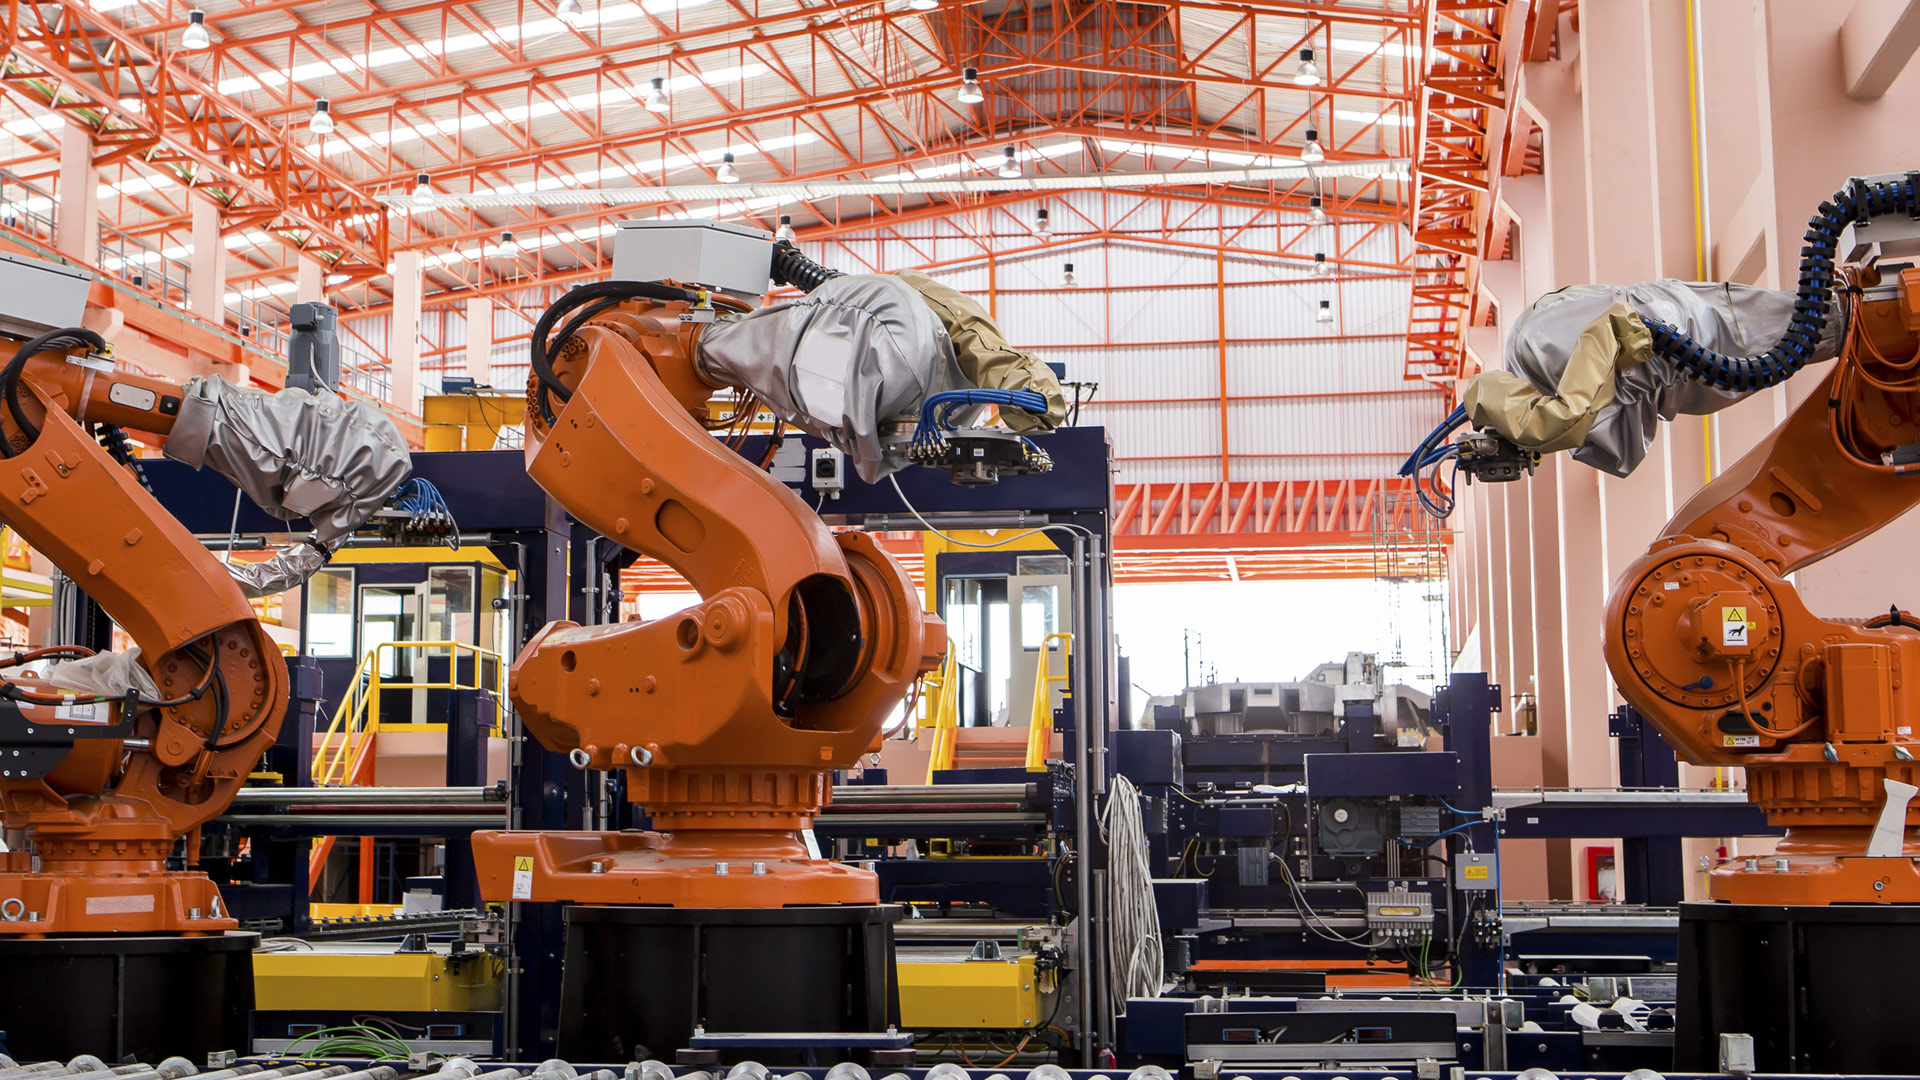 Machinery and Robotics